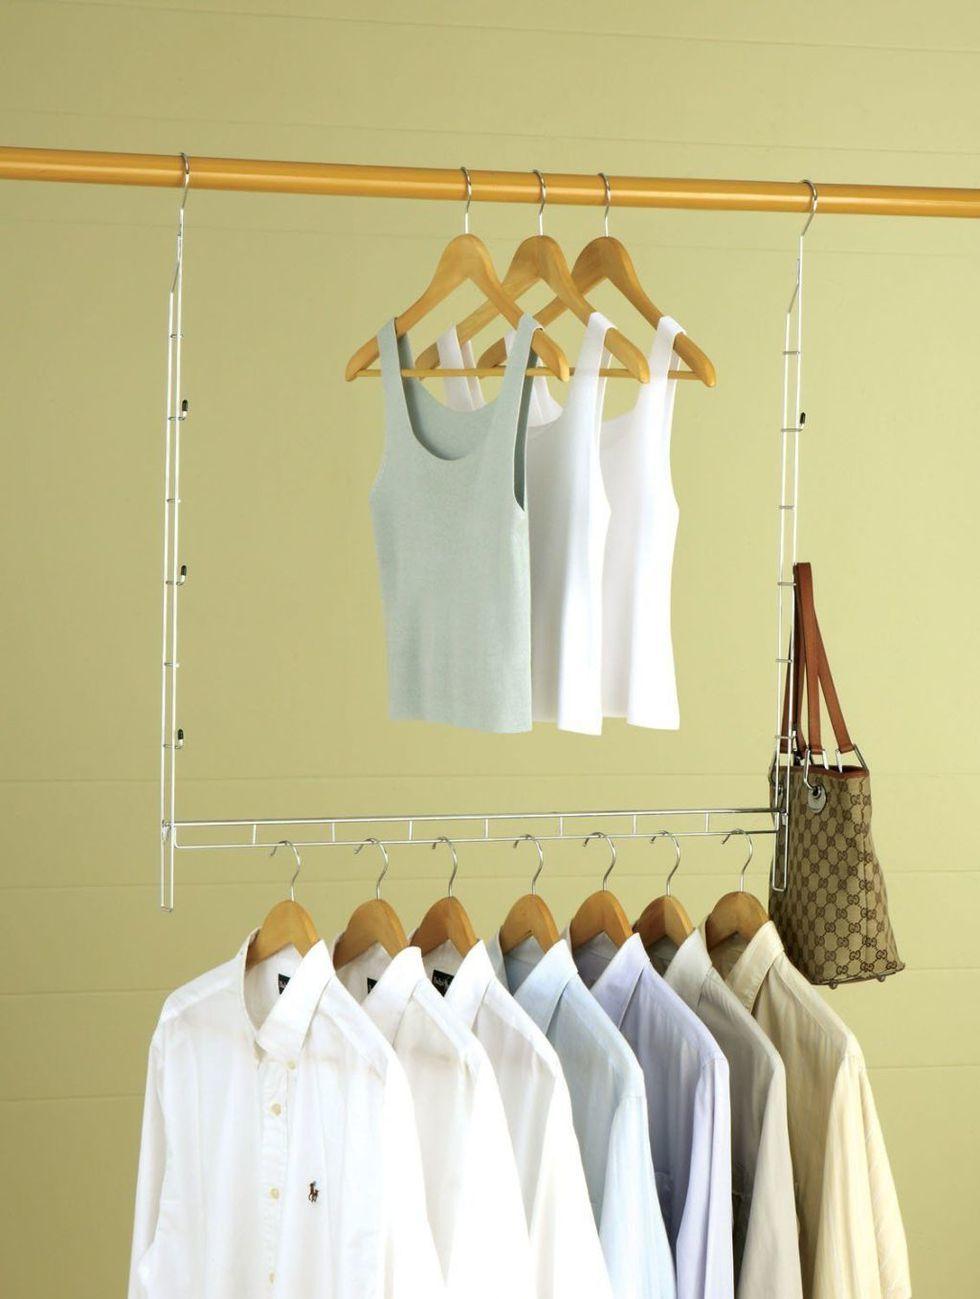 двухуровневая вешалка для хранения одежды